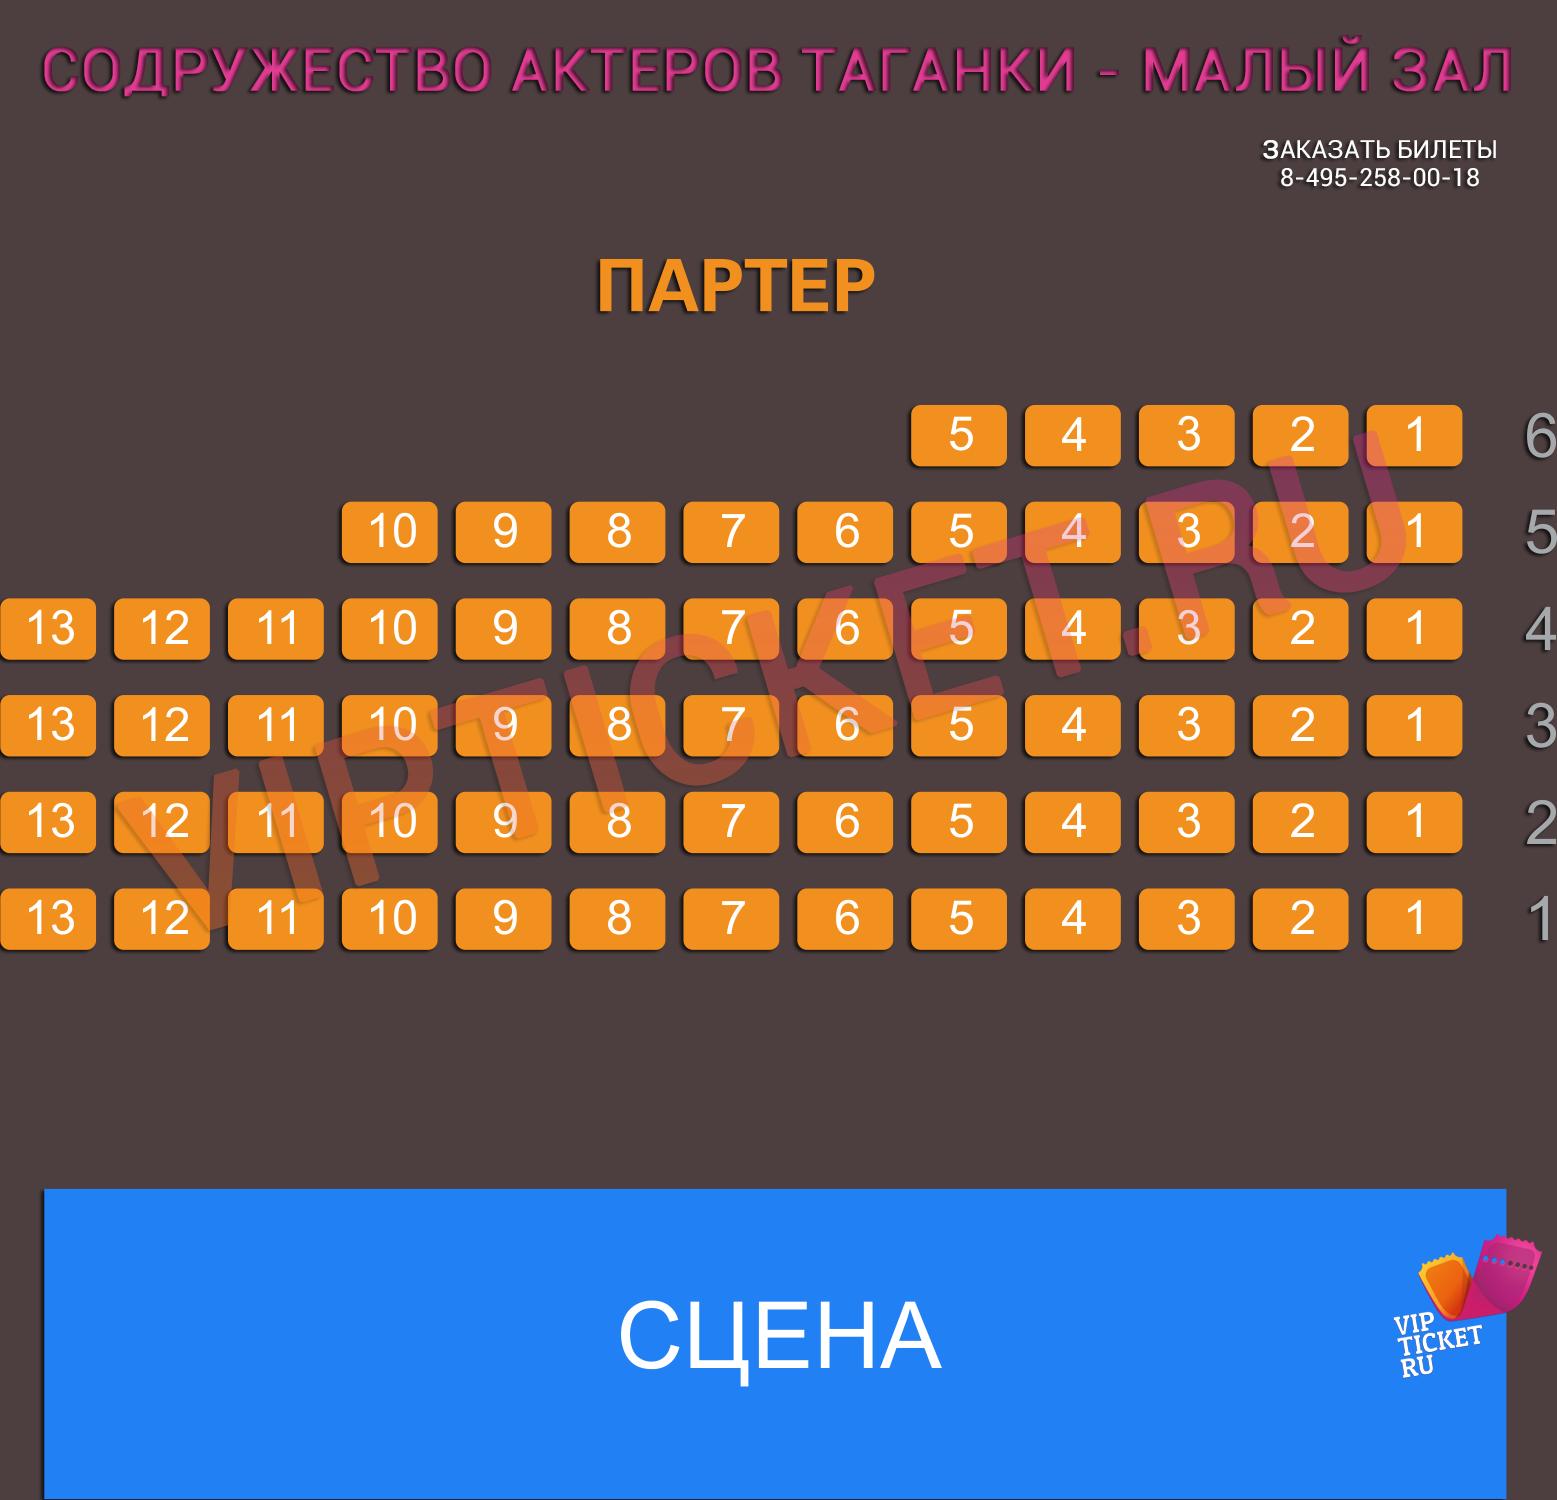 схема зала театра содружества актеров